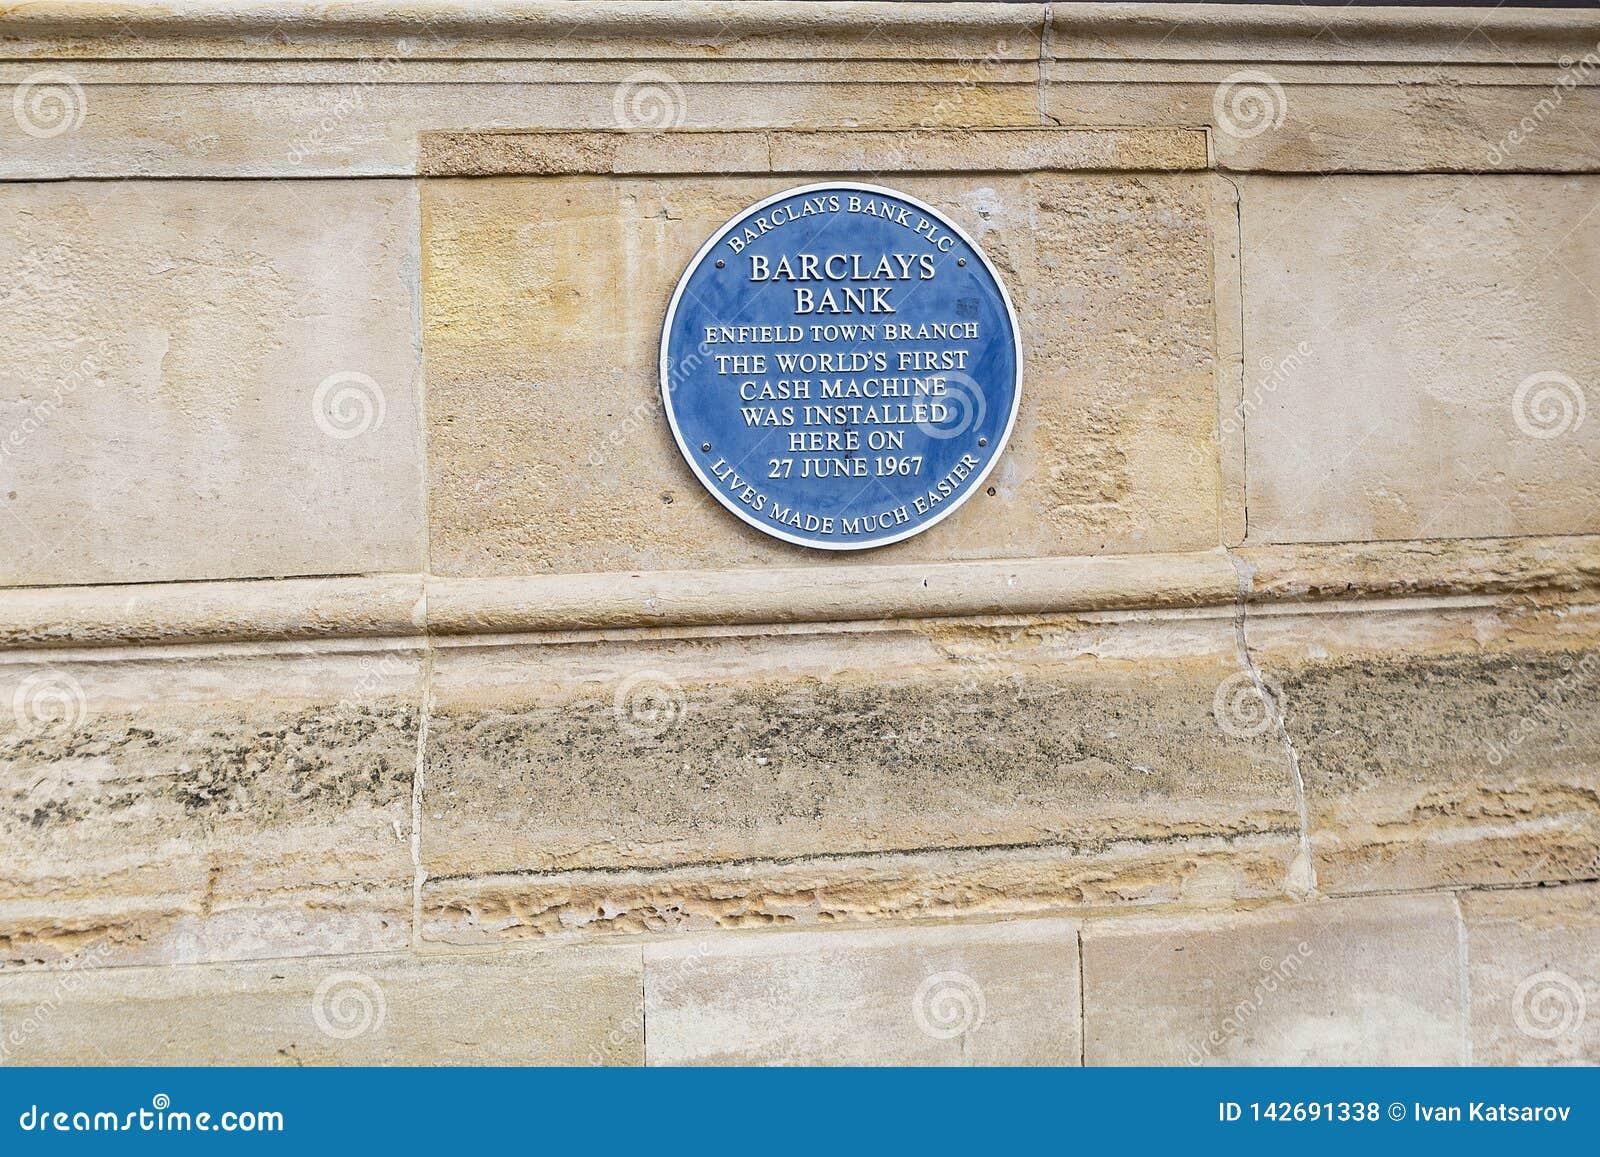 Das erste ATM der Welt Blaue Plakette auf dem Enfield Barclays, welches die erste Registrierkasse der Welt gedenkt